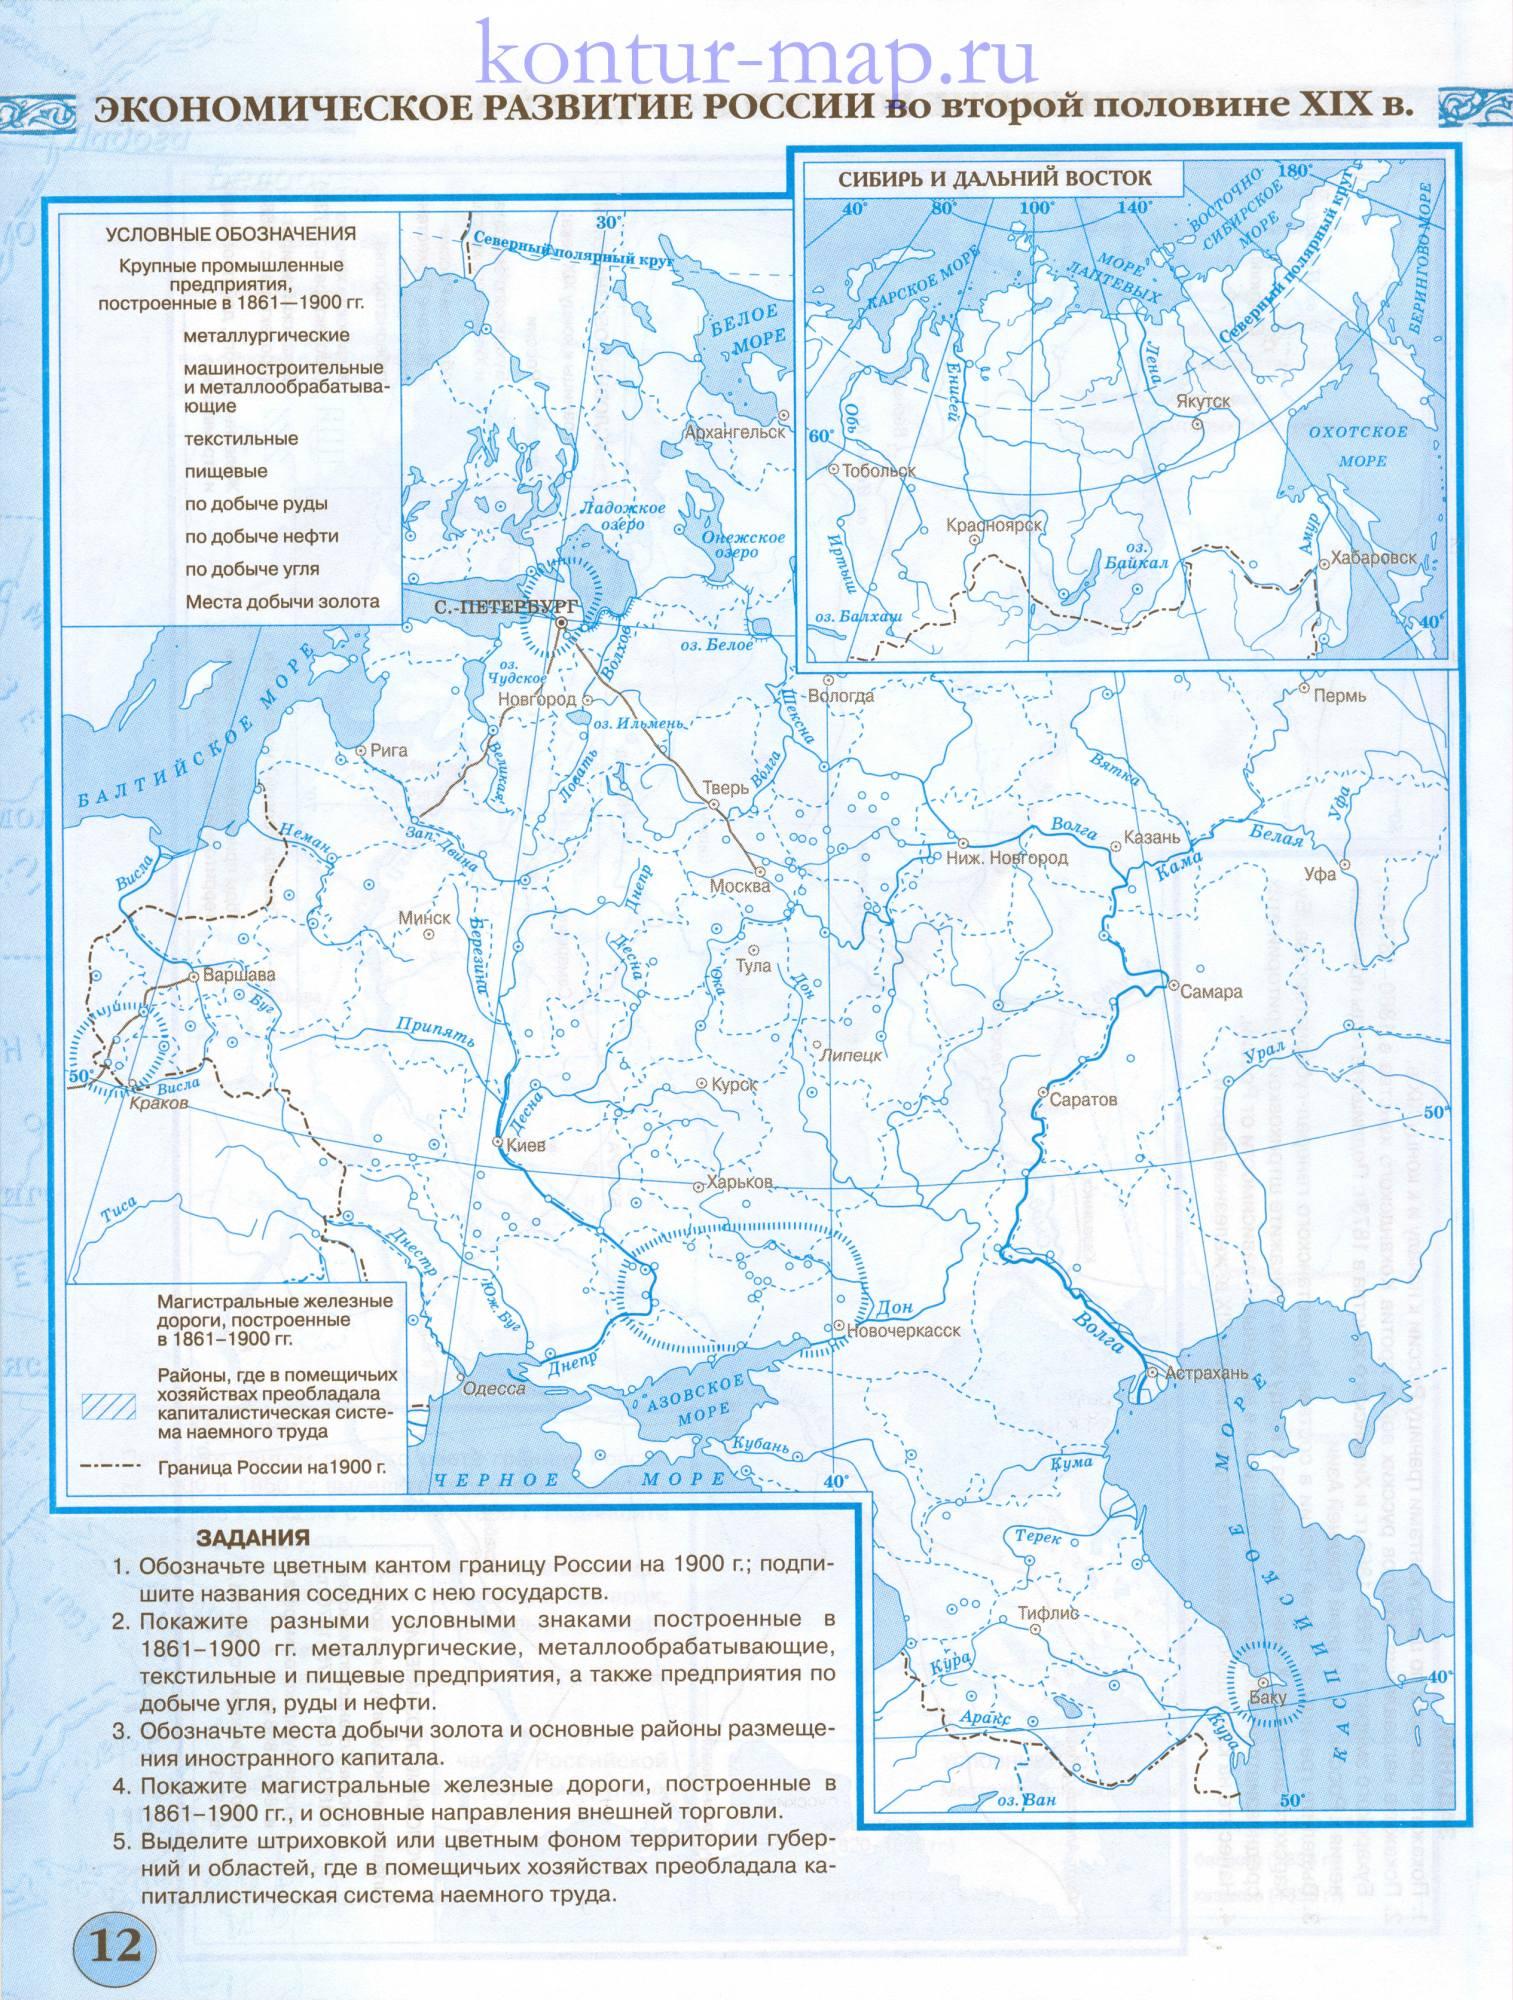 online Die schönsten Routen durch die Mecklenburgische Seenplatte (Wohnmobil